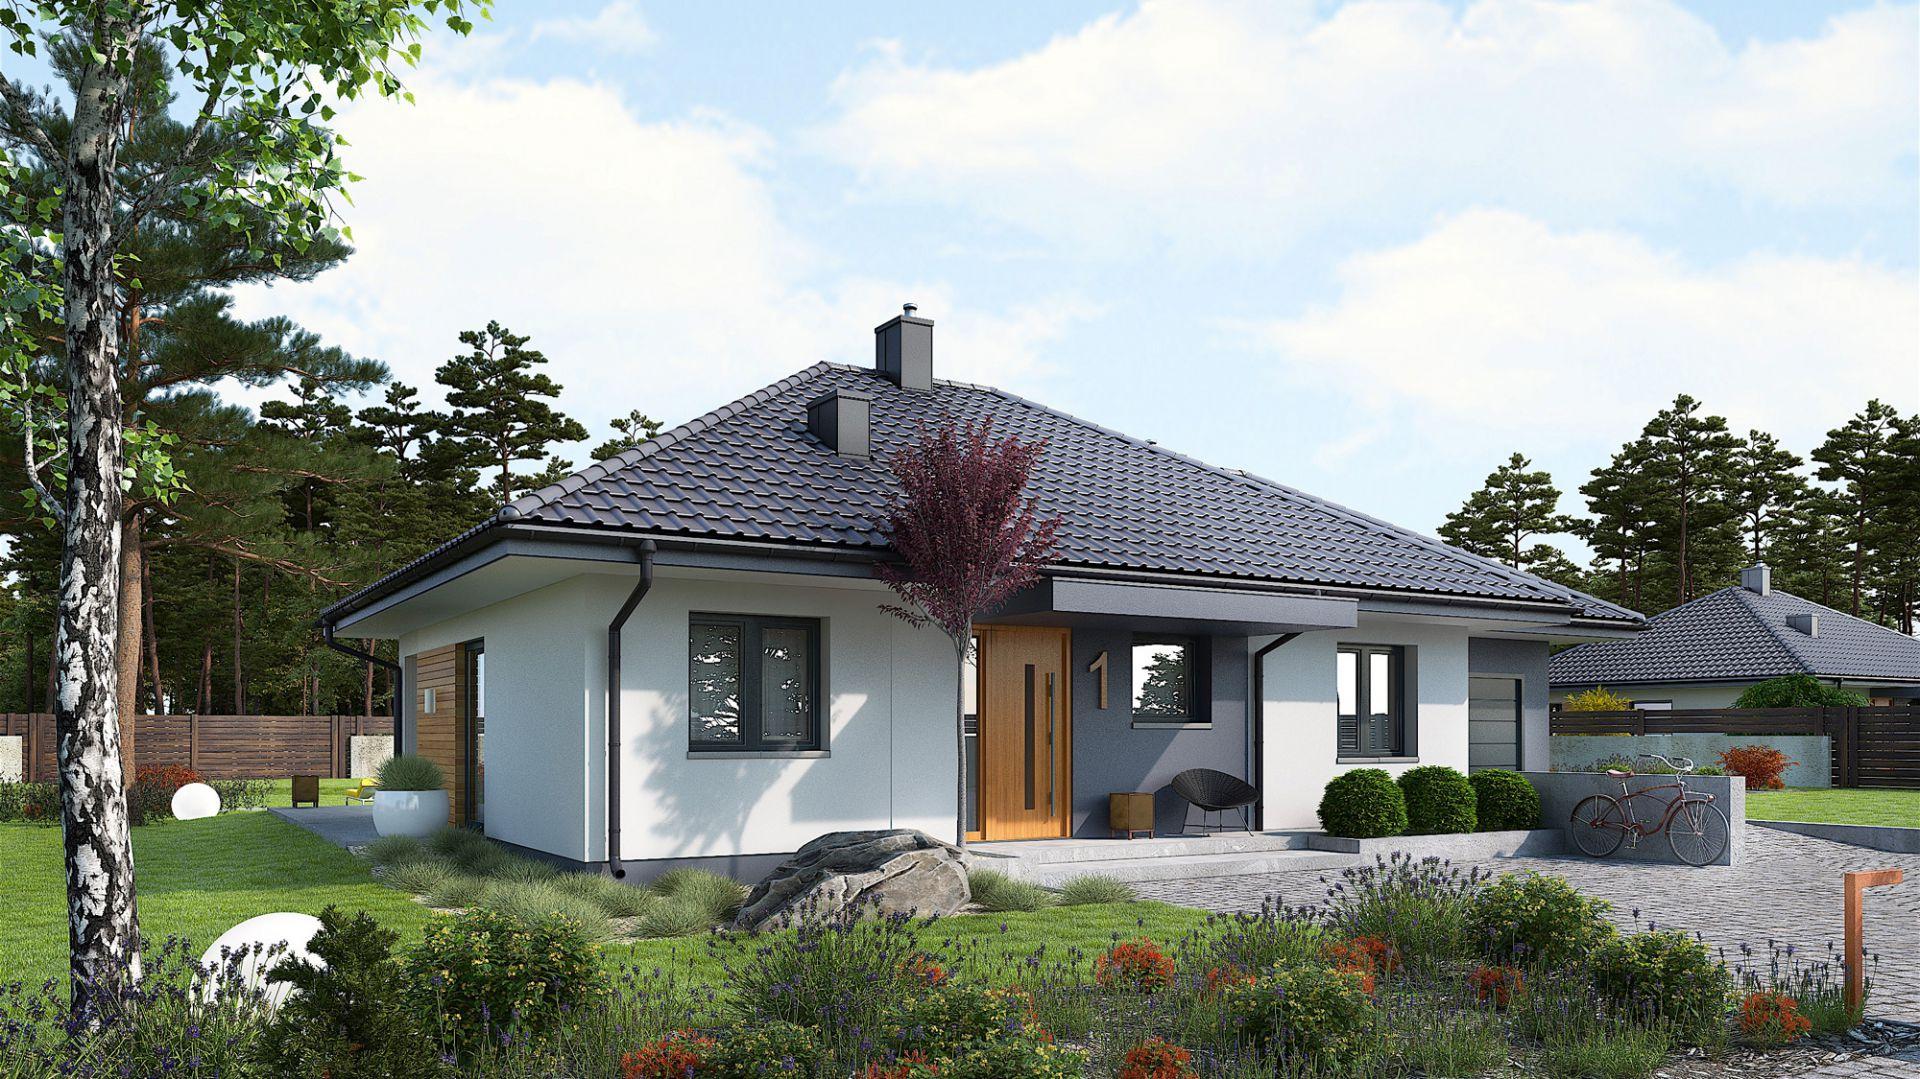 Dom Mini 1 G1 to idealna propozycja dla wszystkich którzy szukają małego domu w nowoczesnym klimacie. Dom Mini 1 G1. Projekt: arch. Artur Wójciak. Fot. Pracownia Projektowa Archipelag